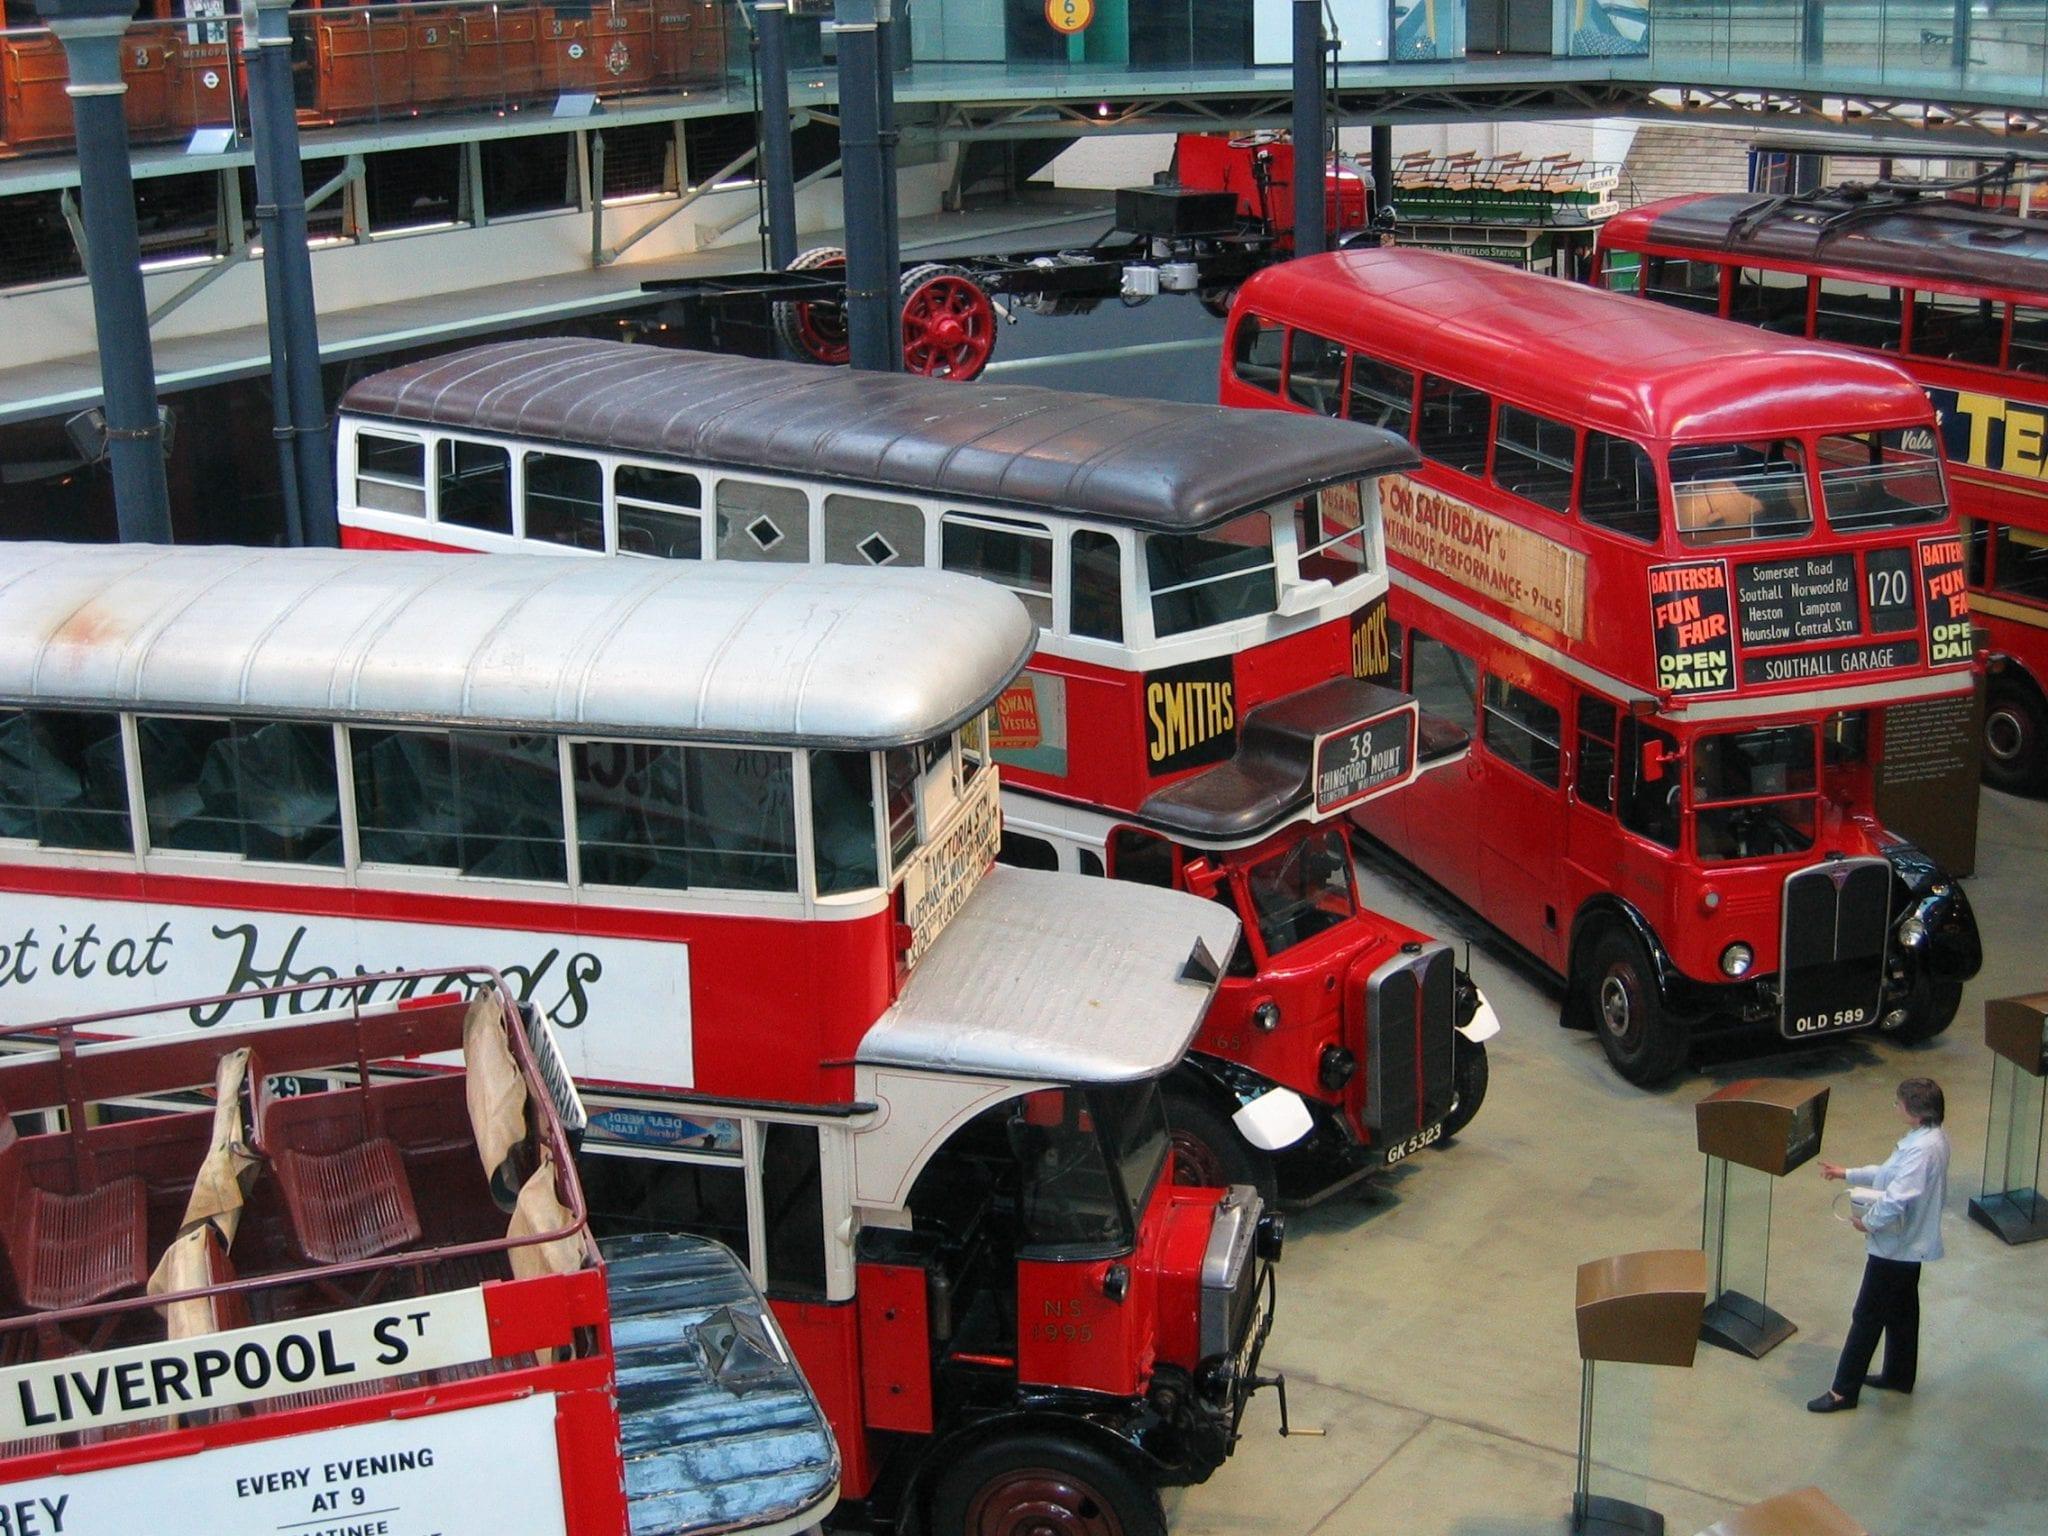 London Transport Museum museos de Londres